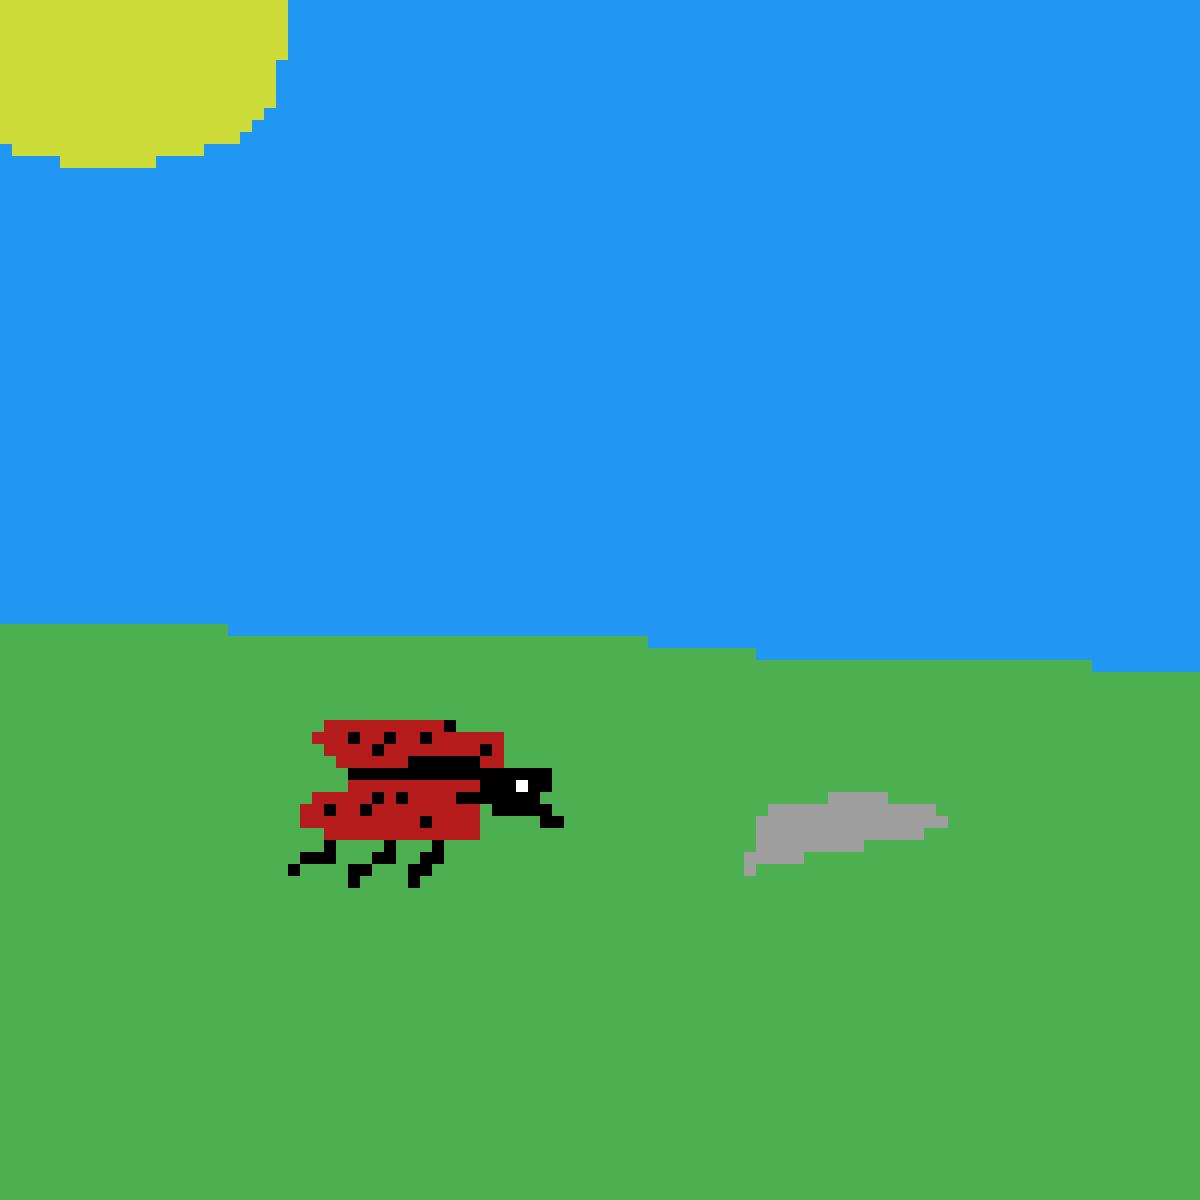 Buzz by SlinkyWizard628